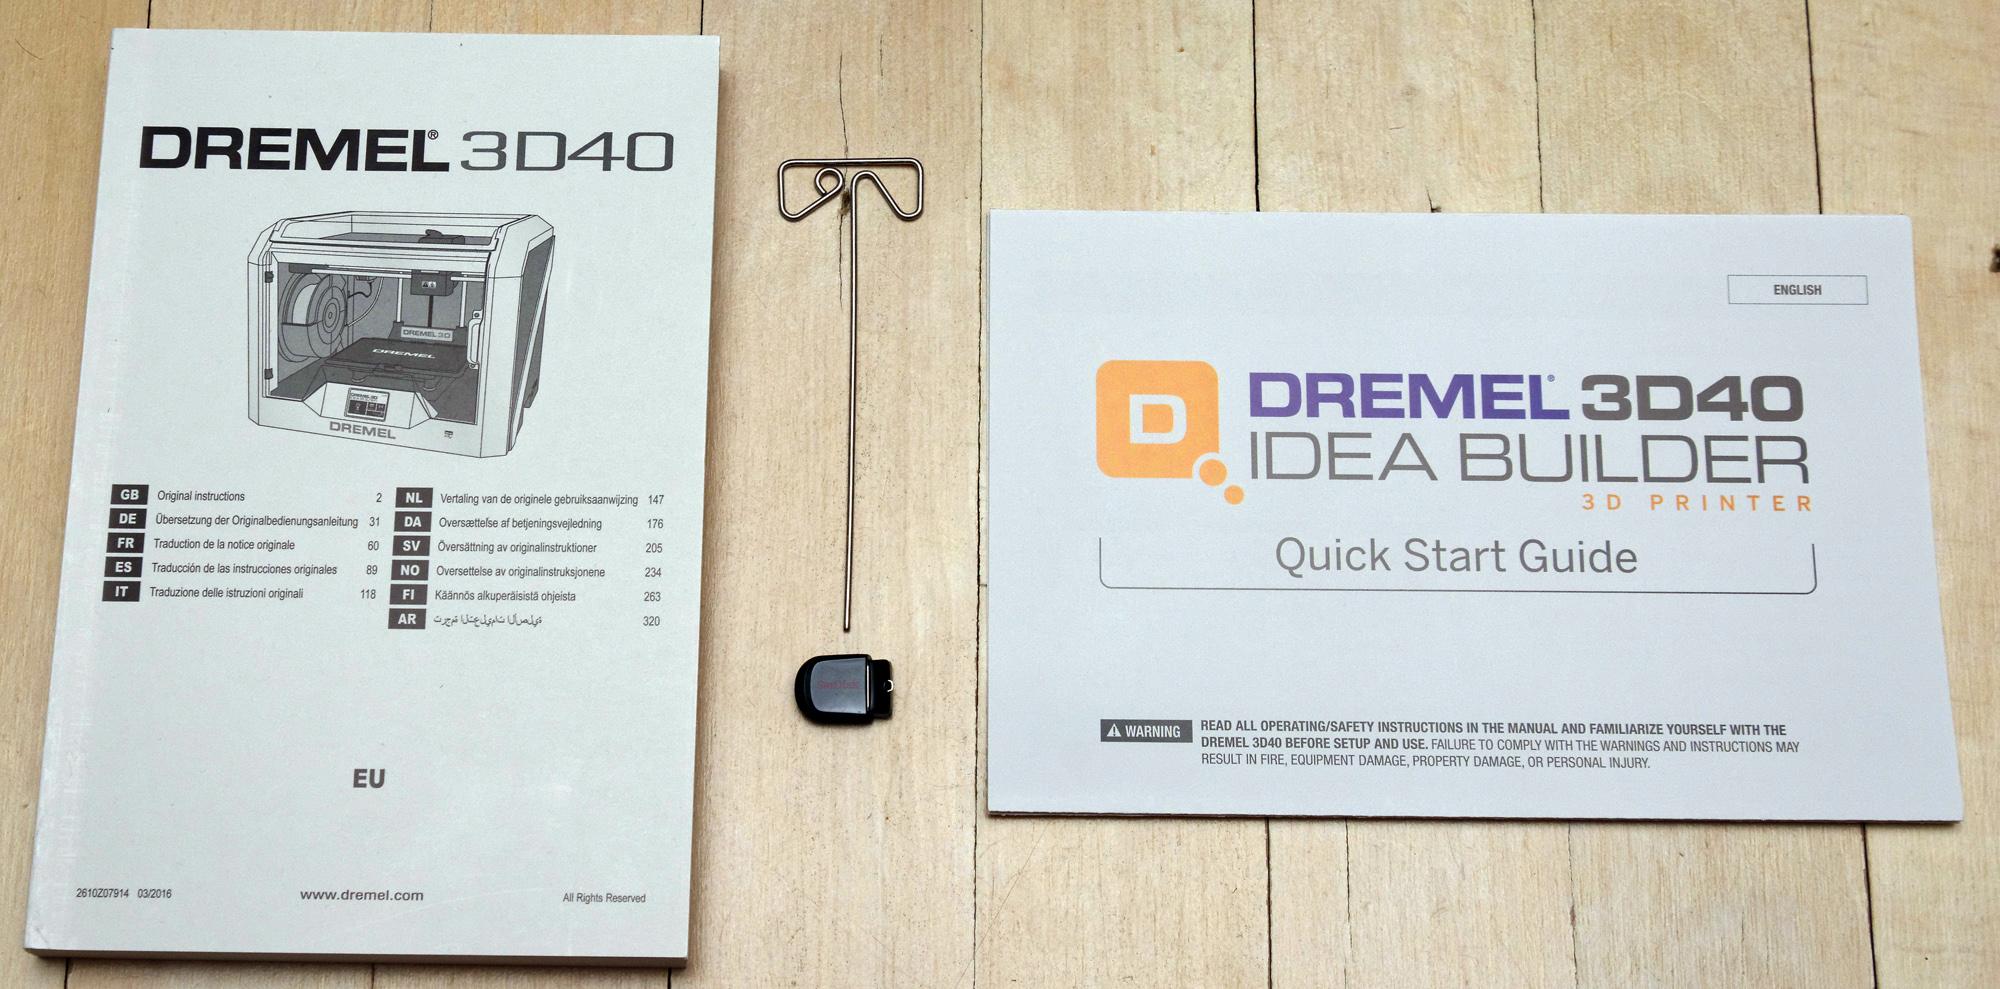 test dremel 3d40 idea builder 3d printer. Black Bedroom Furniture Sets. Home Design Ideas